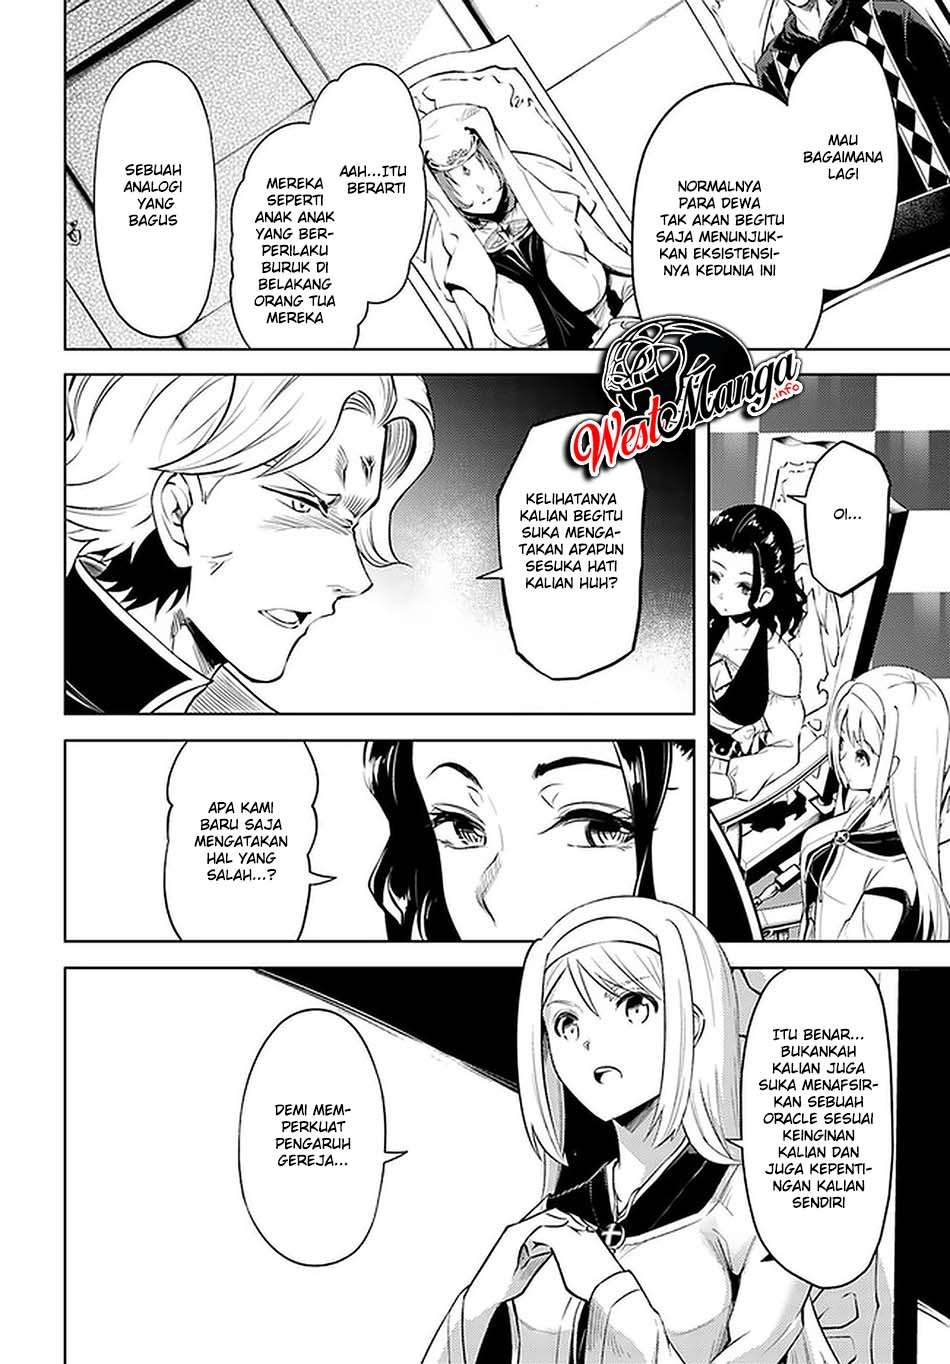 Tono Kanri O Shite Miyou Chapter 40